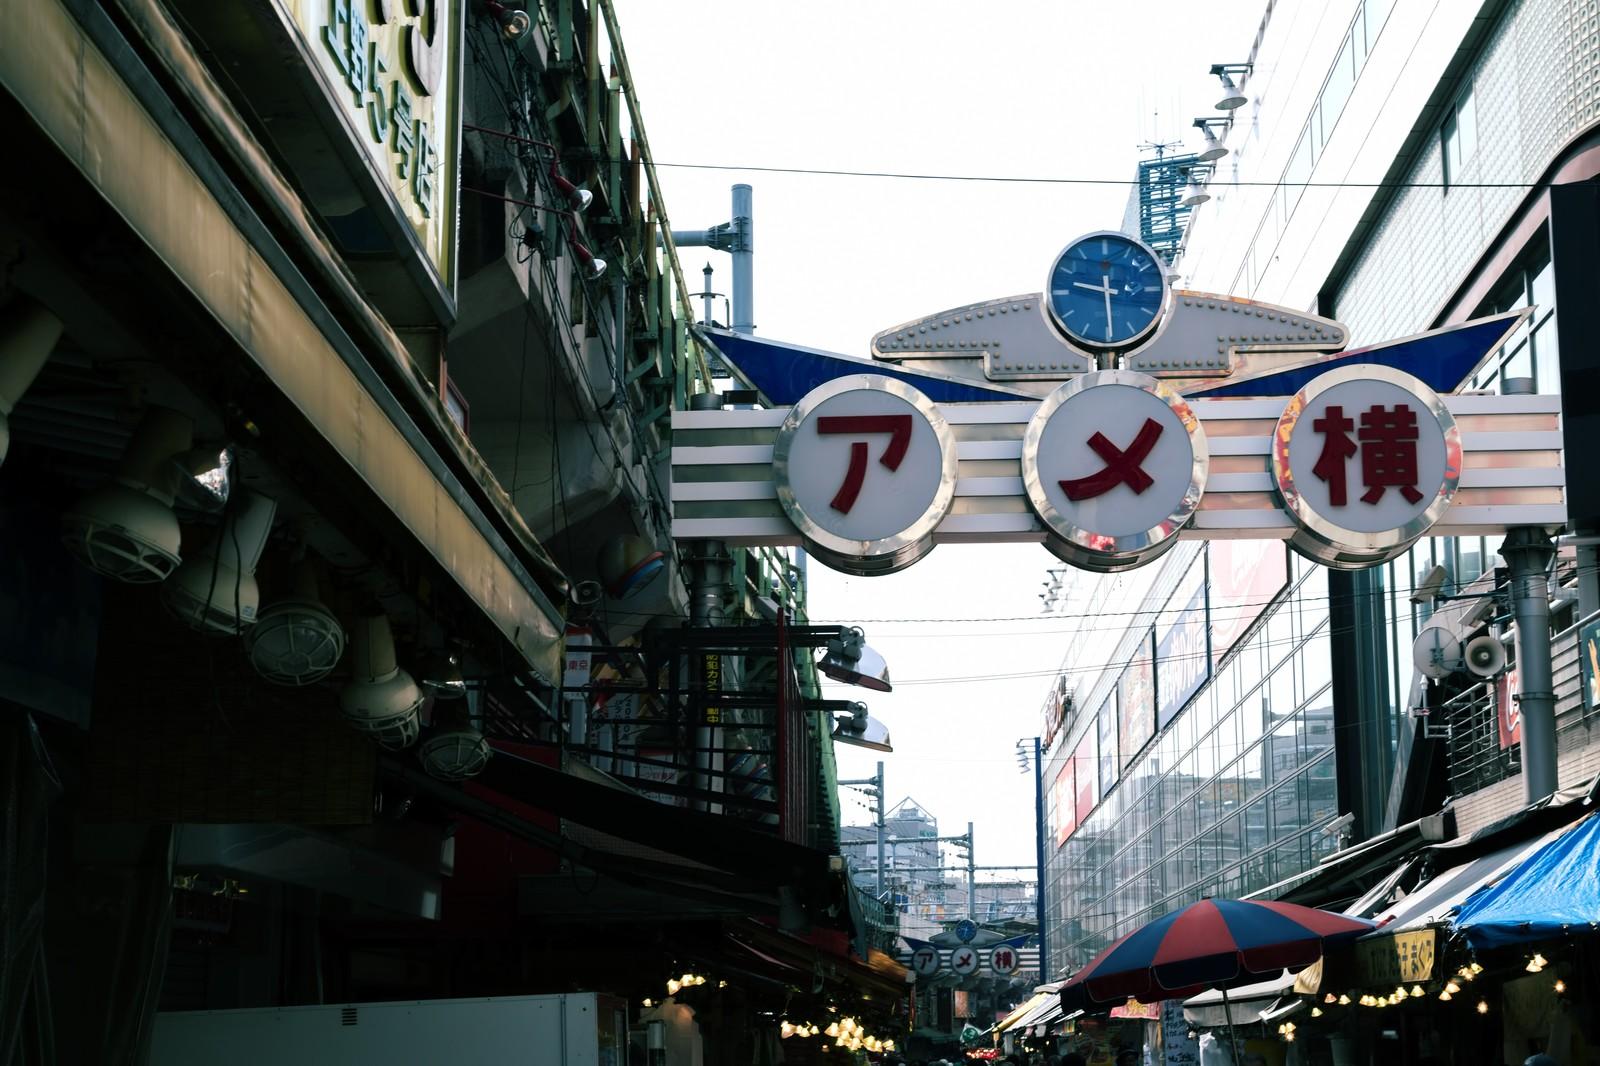 上野の居酒屋人気ランキング!デートにも使える店や昼飲みOKの店も!